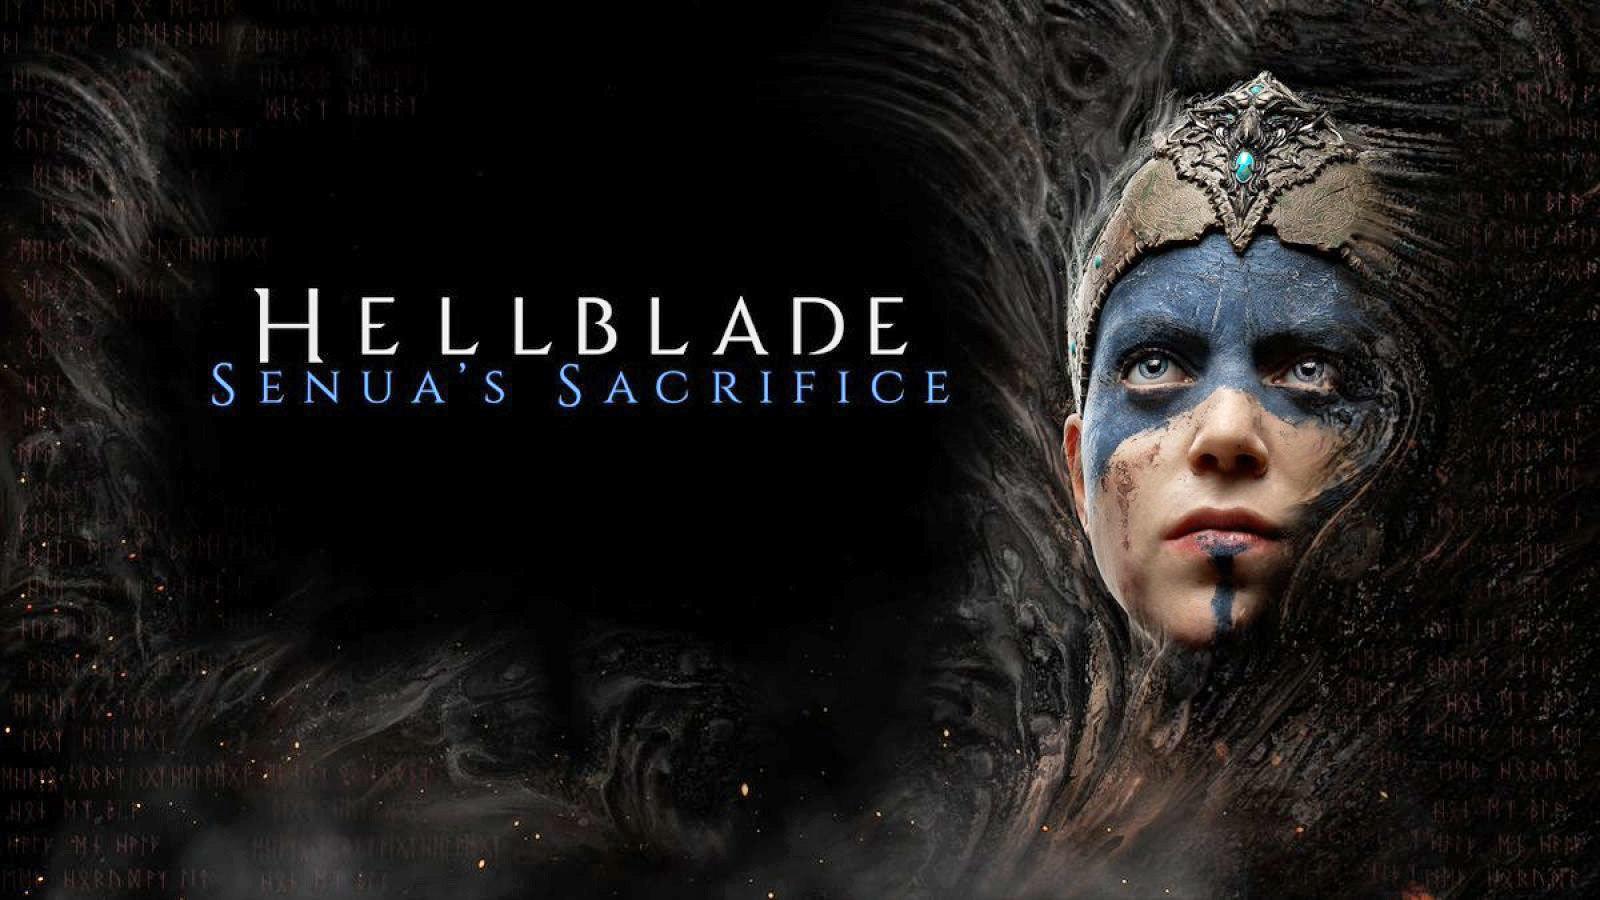 Análisis sobre Hellblade